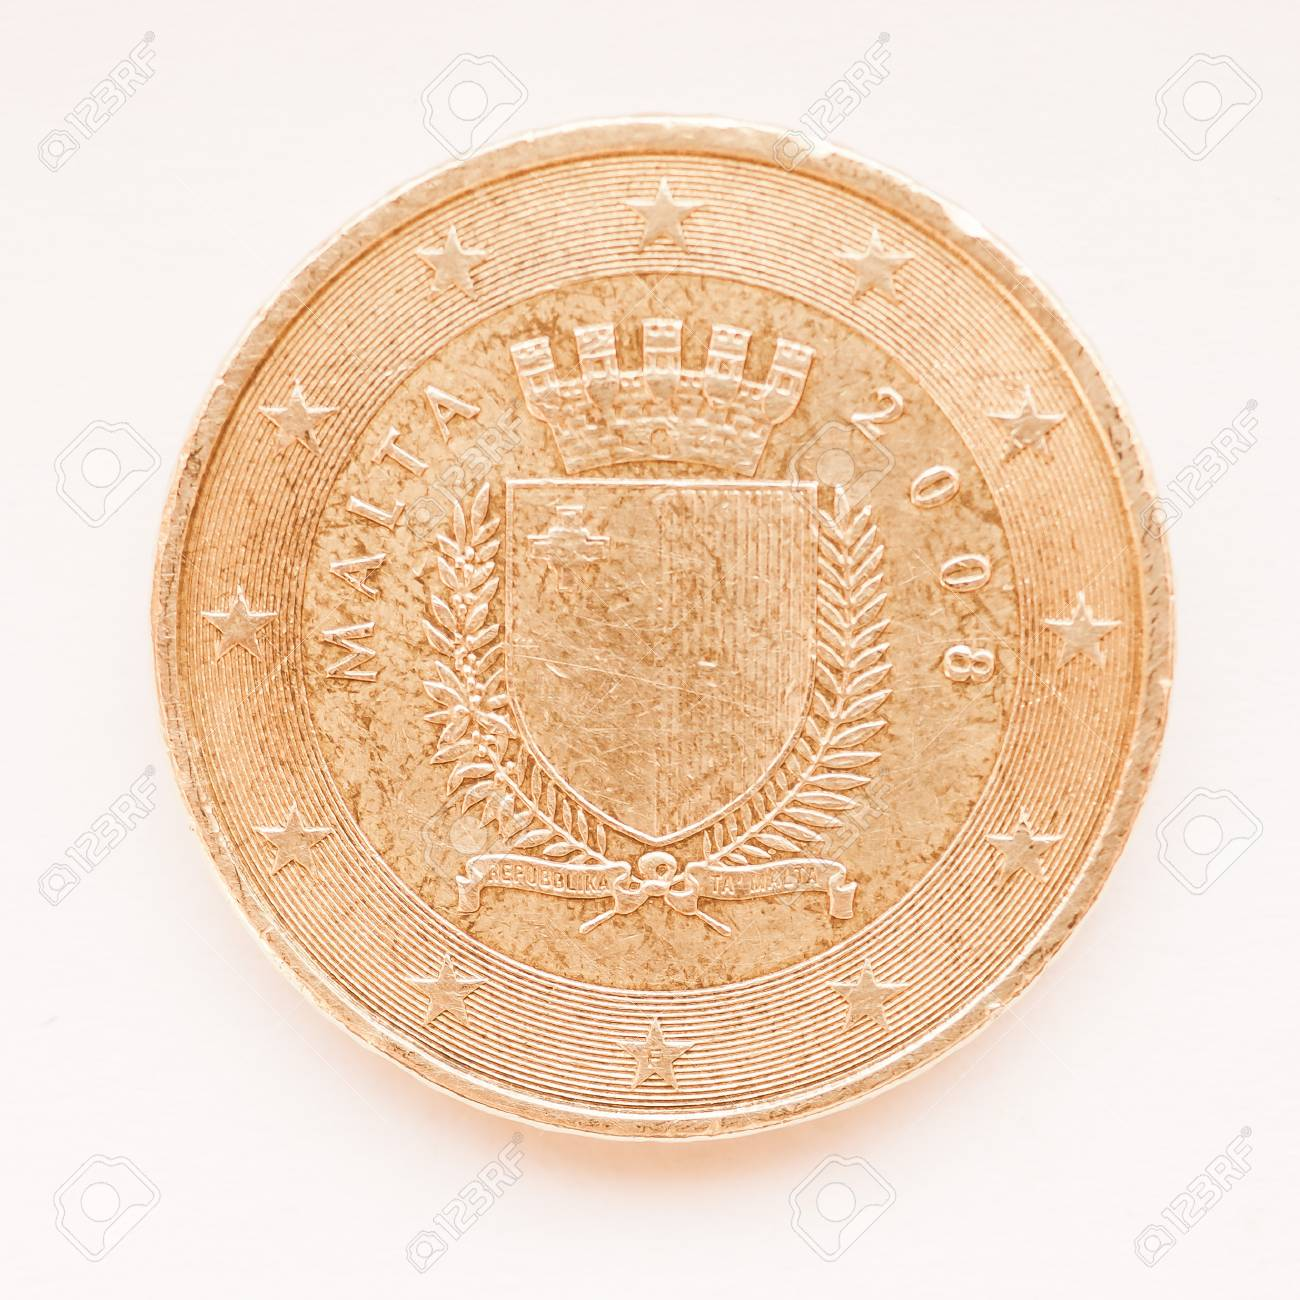 Maltese 50 Euro Cent Münze Aus Malta Währung Der Europäischen Union